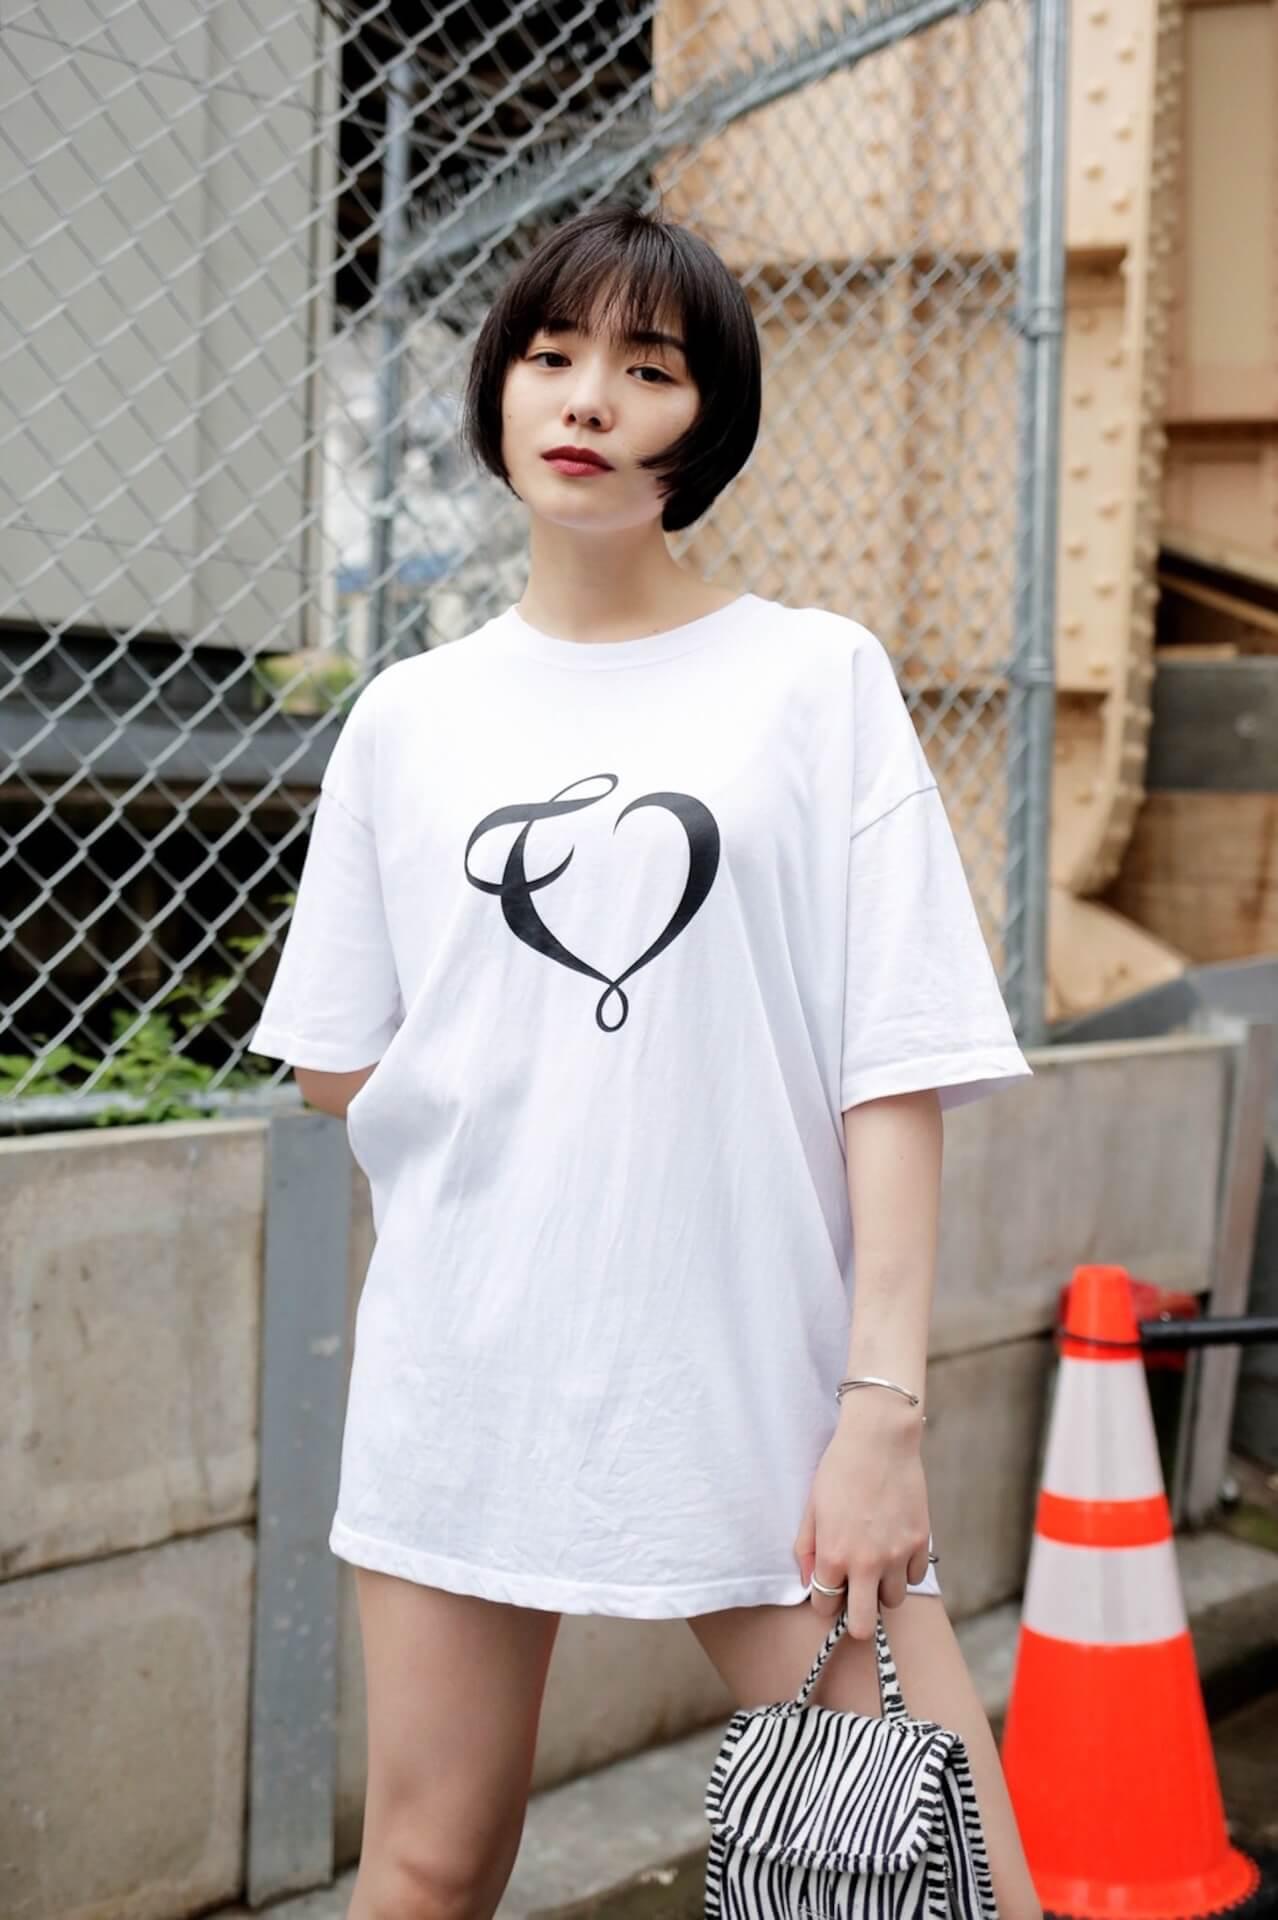 ガールズ・ユニオンFAKYのファッションアイコン・MikakoがDroptokyoの『FOREVER HEROES』に選出! life200902_faky_mikako_2